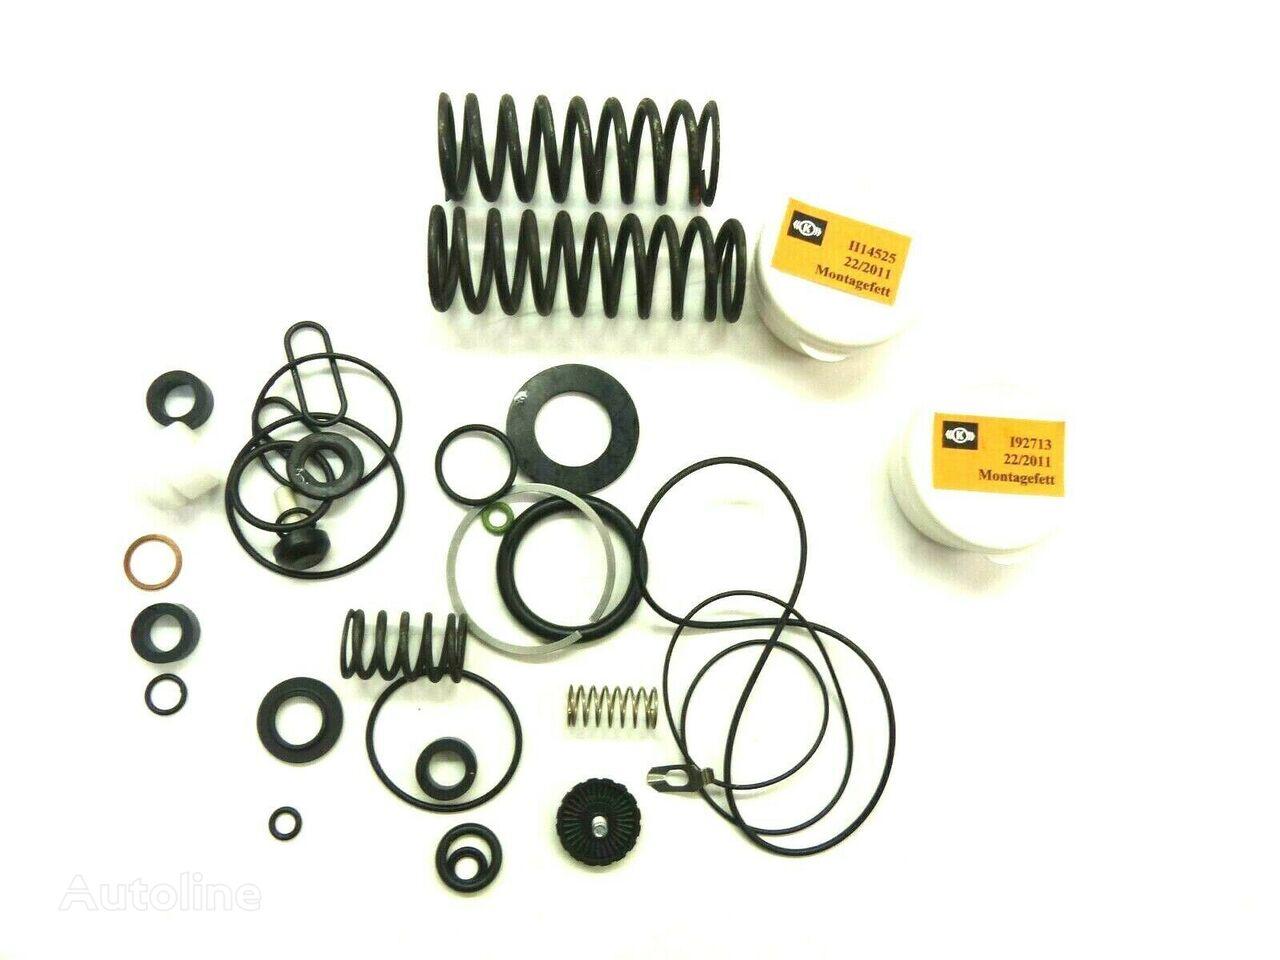 IVECO Lufttrockner Reparatursatz (42536841) kit de reparación para IVECO tractora nuevo